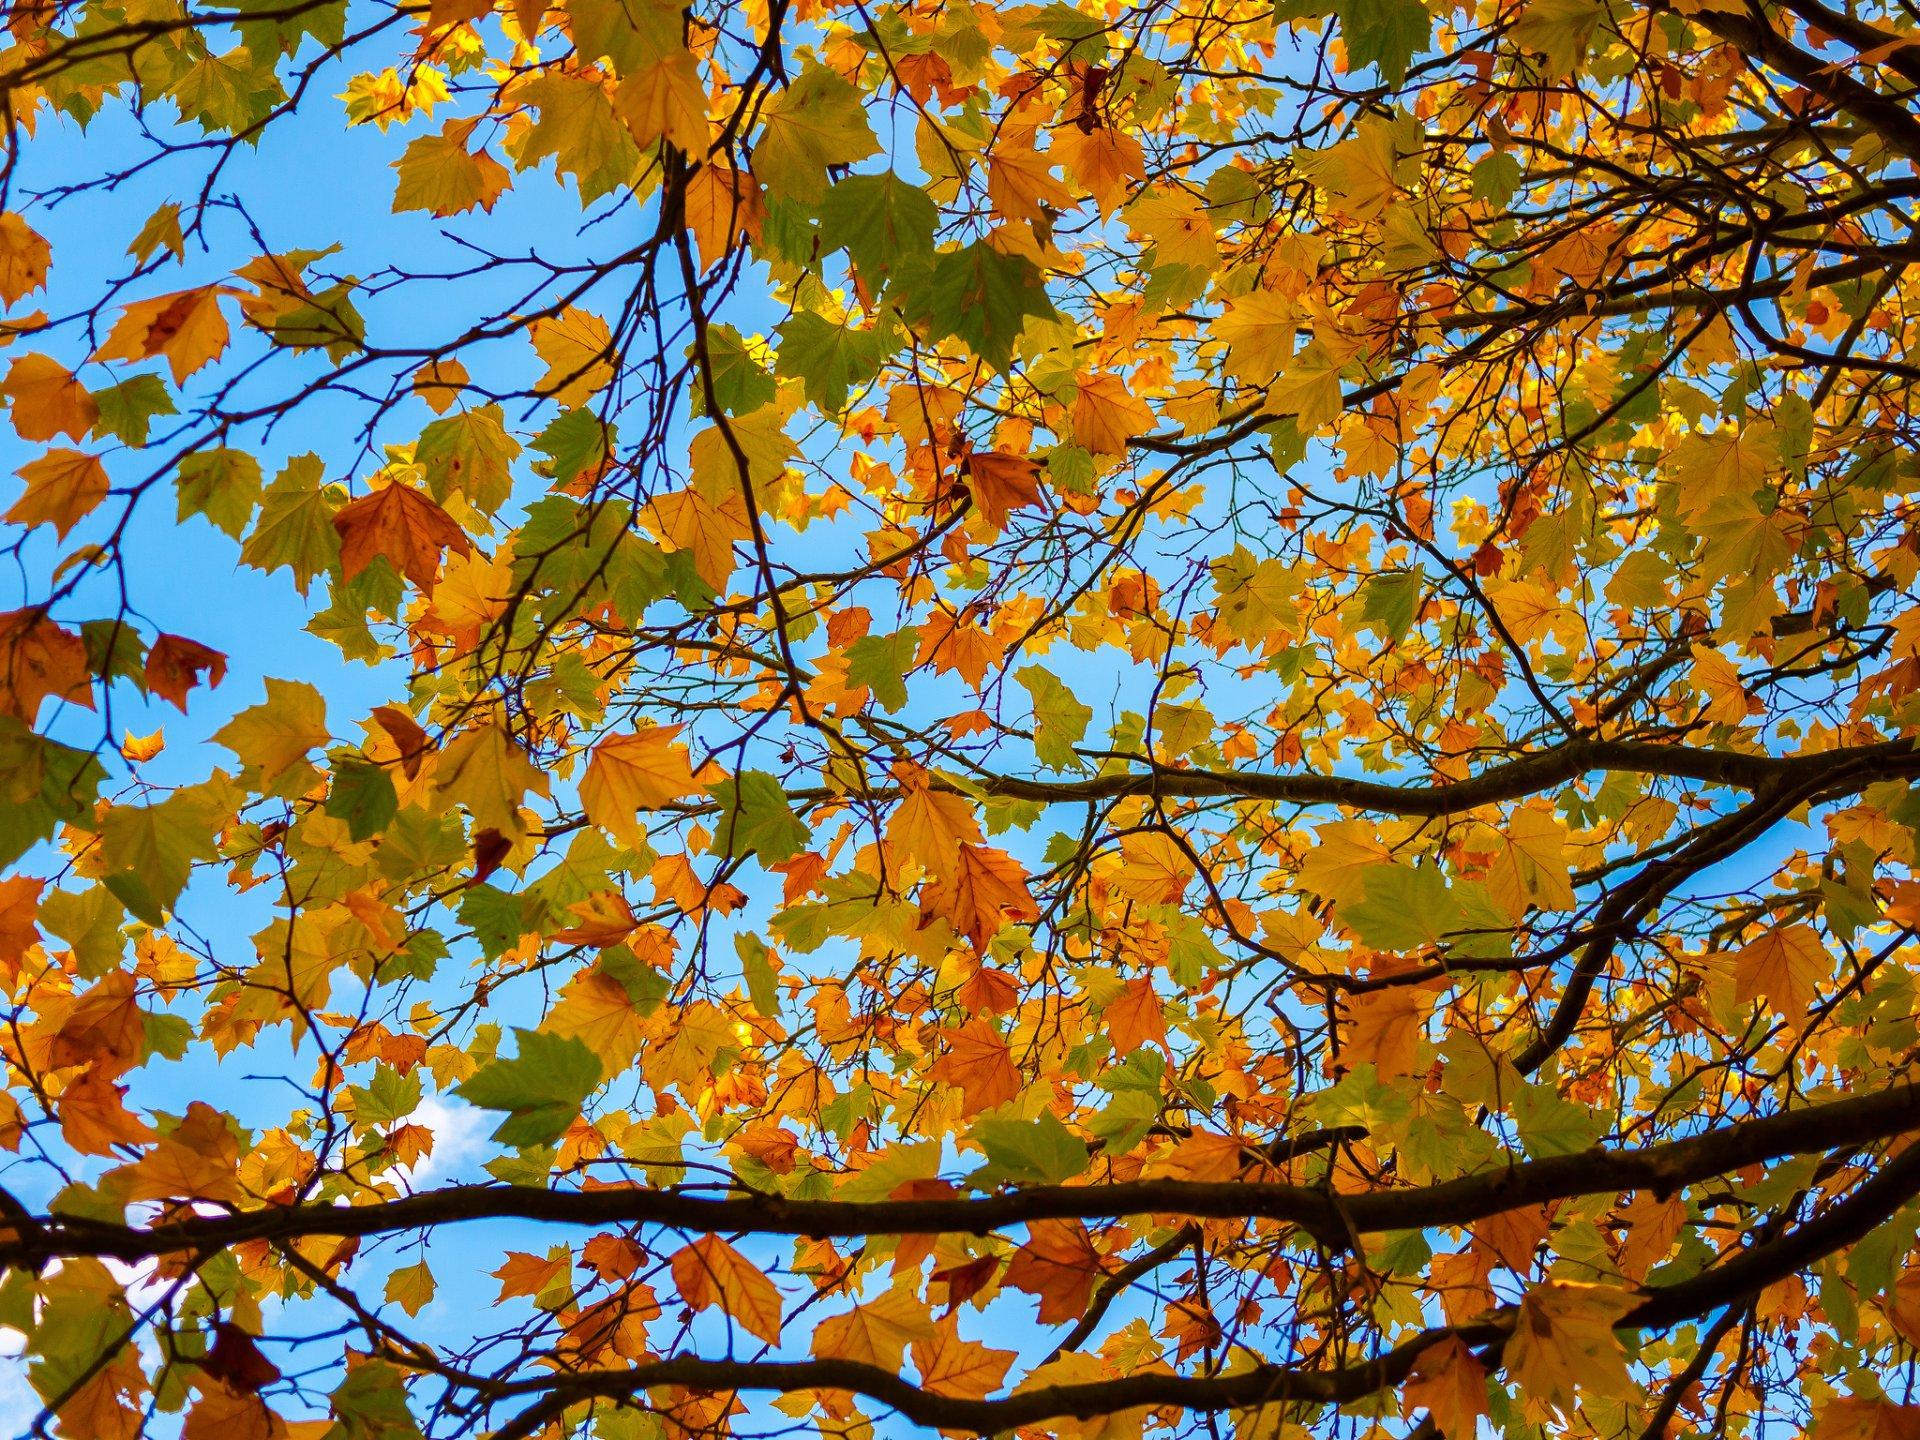 Картинки с пословицами про осень несет